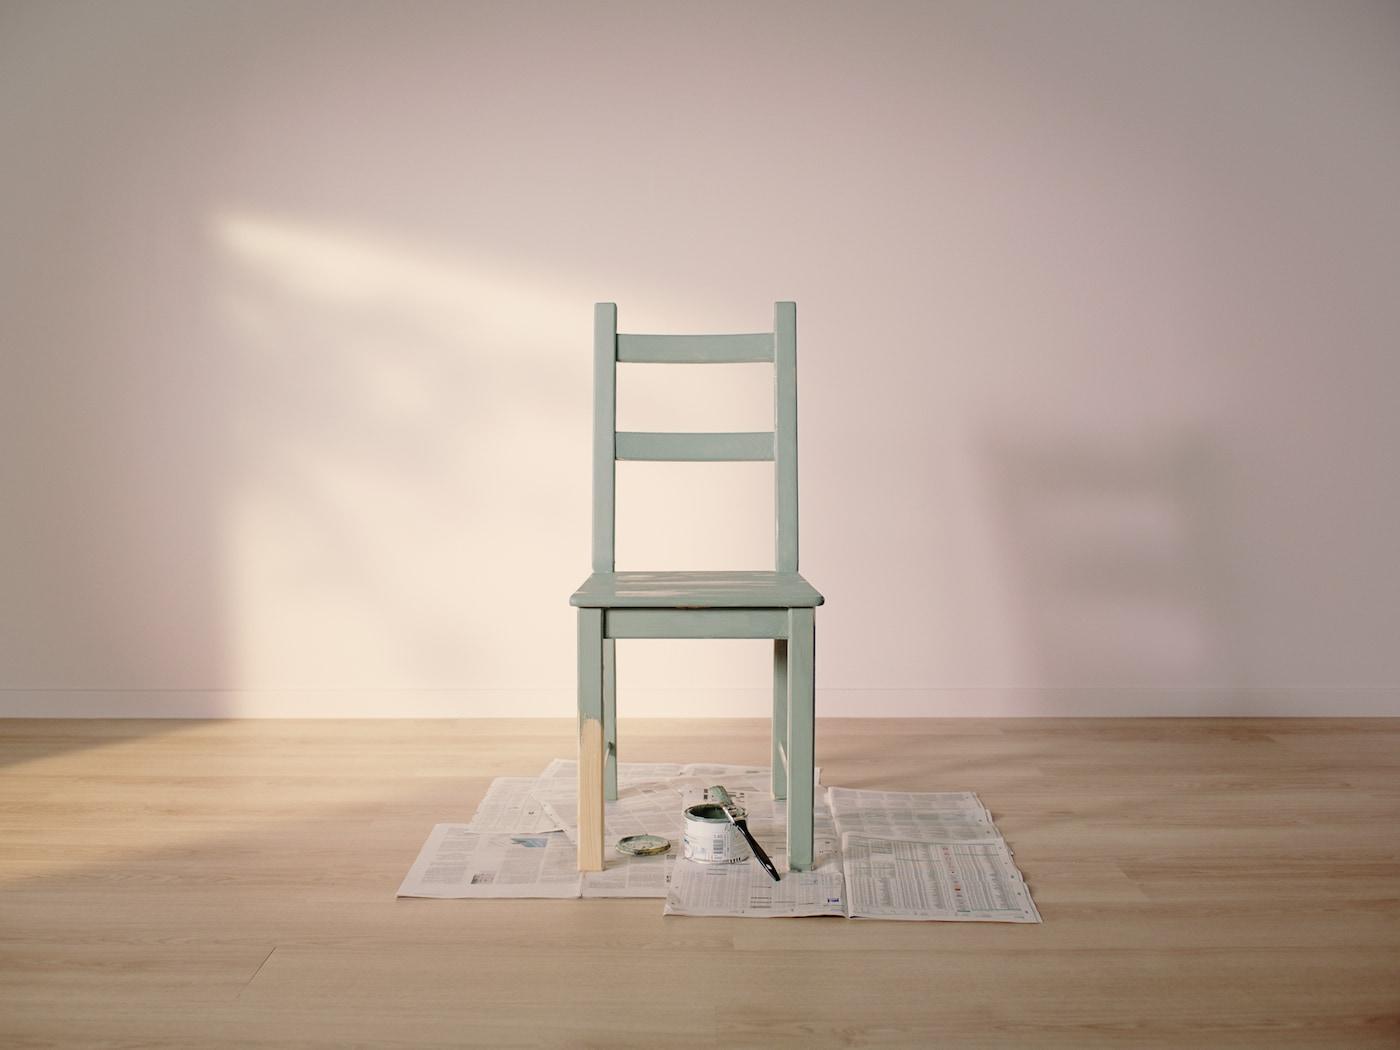 Úságpapírokra állított, világos zöld színre festett fenyő IVAR szék, az egyik lábát még nem festették le. Mellette egy doboz festék és egy ecset.